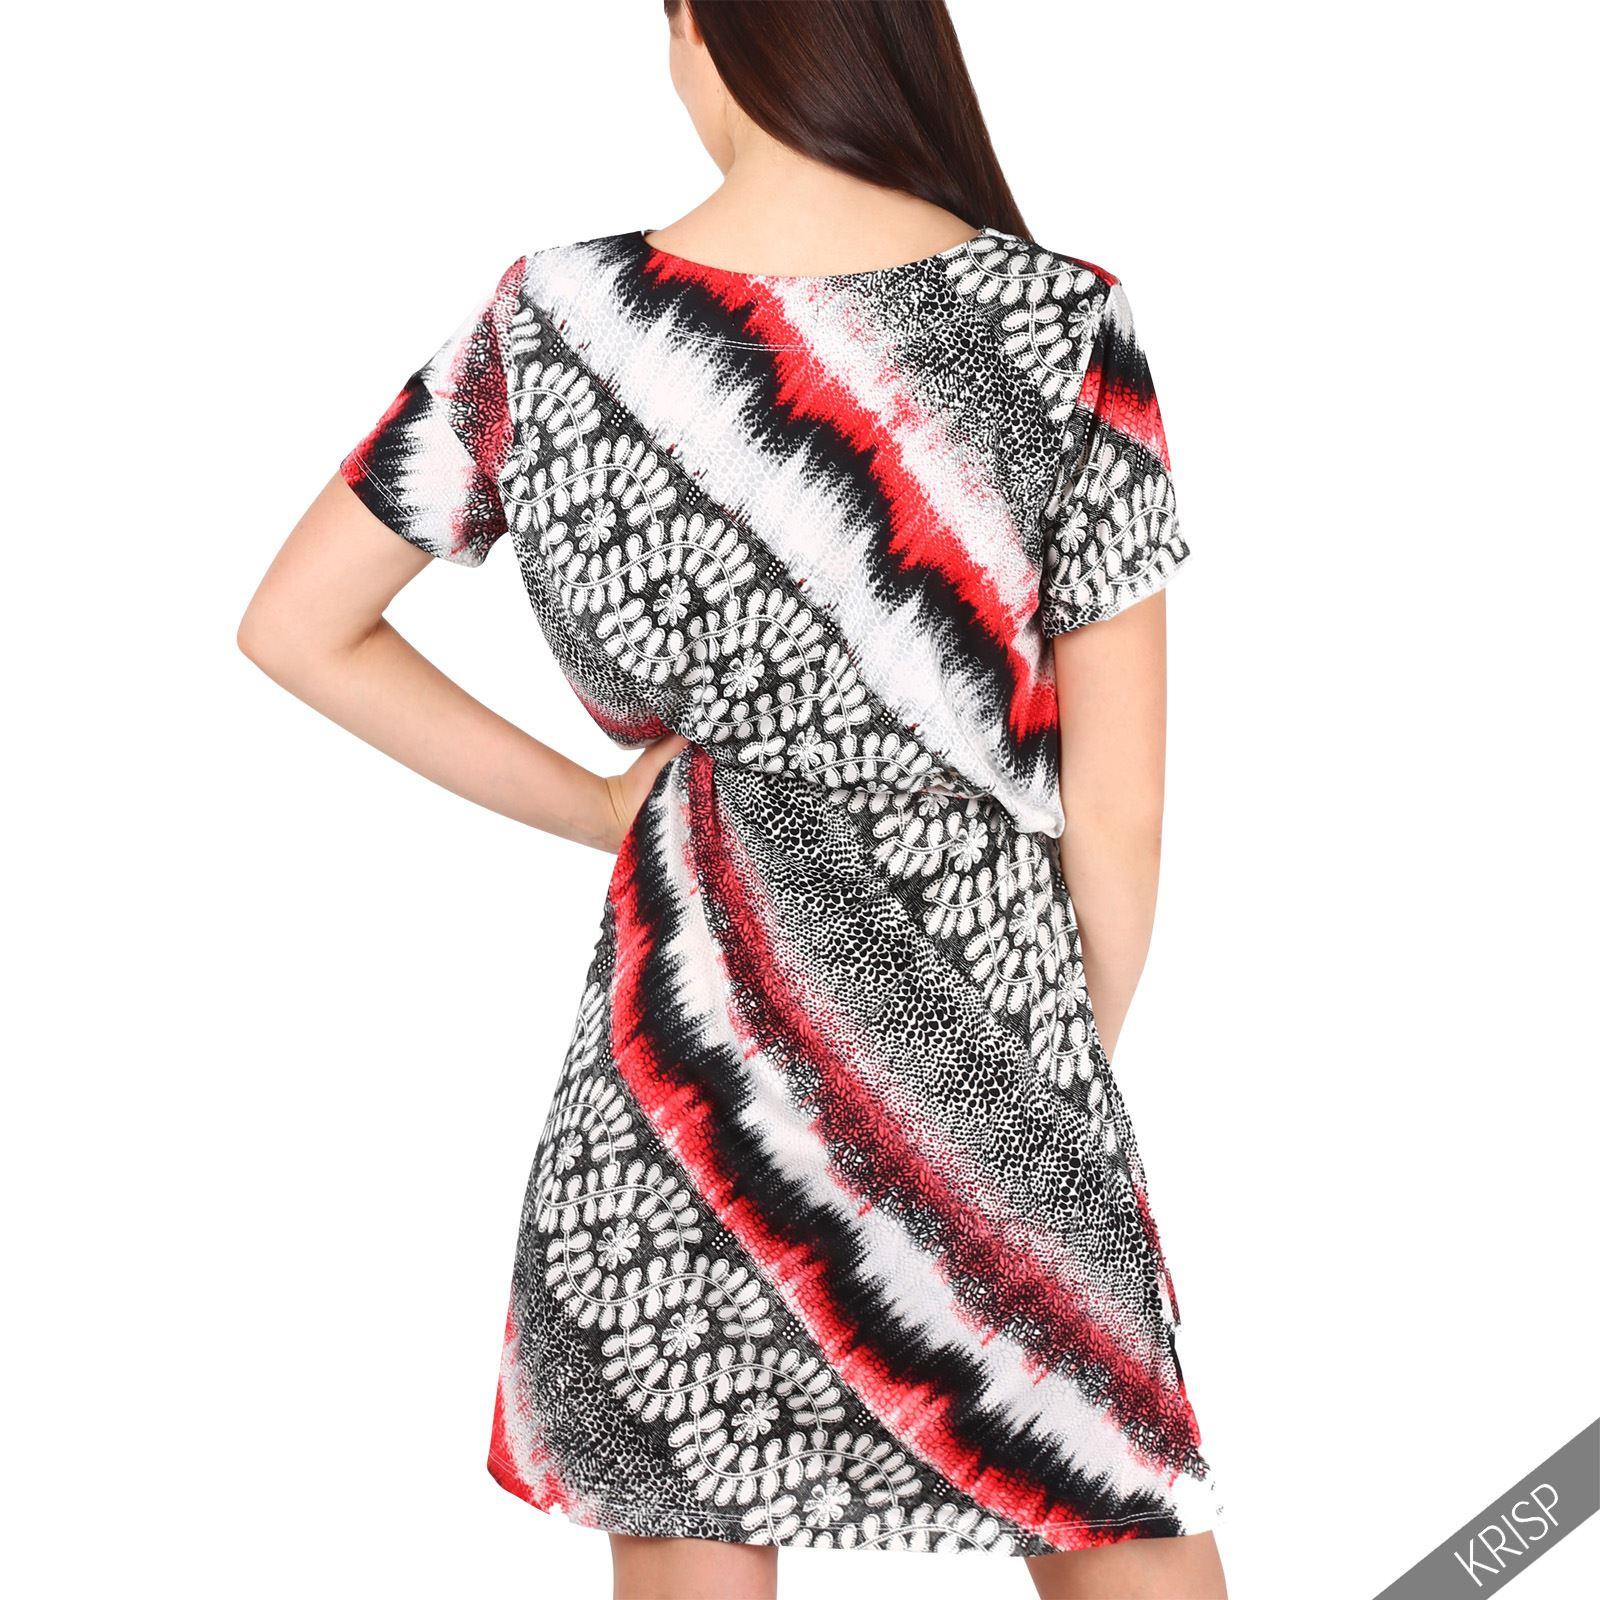 Vestido-Mujer-Corto-Estampado-Verano-2017-Camiseta-Casual-Juvenil-Joven-Colores